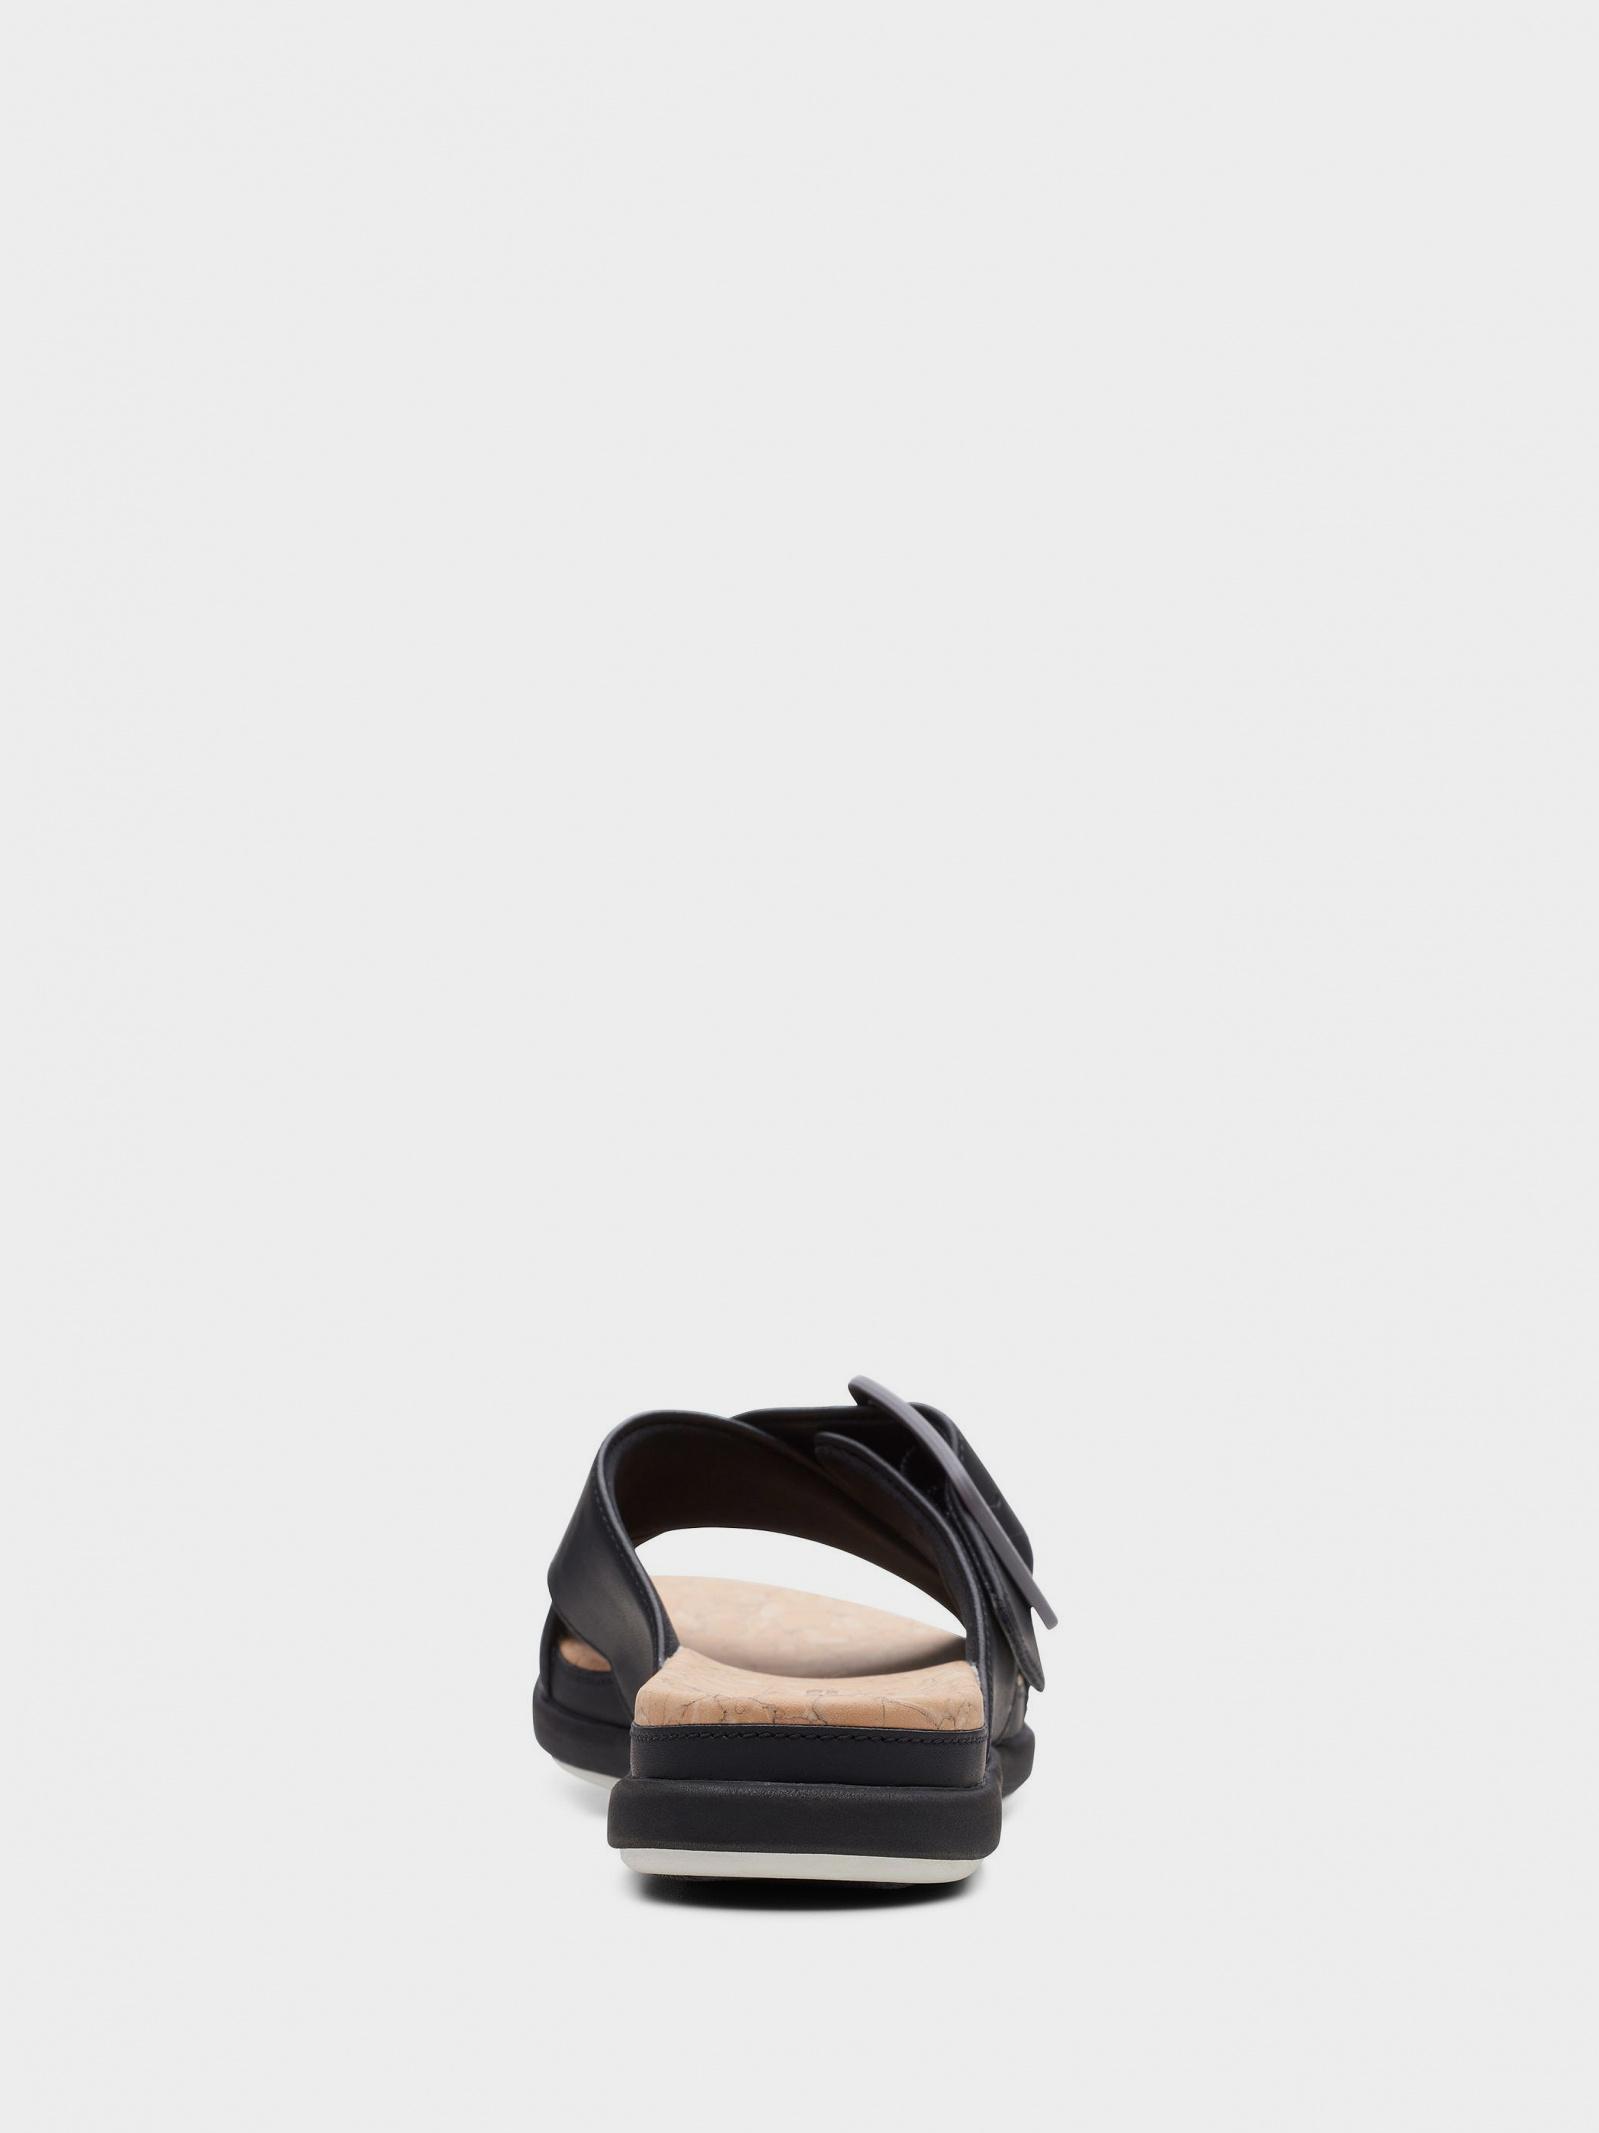 Шльопанці  для жінок Clarks 26148589 модне взуття, 2017